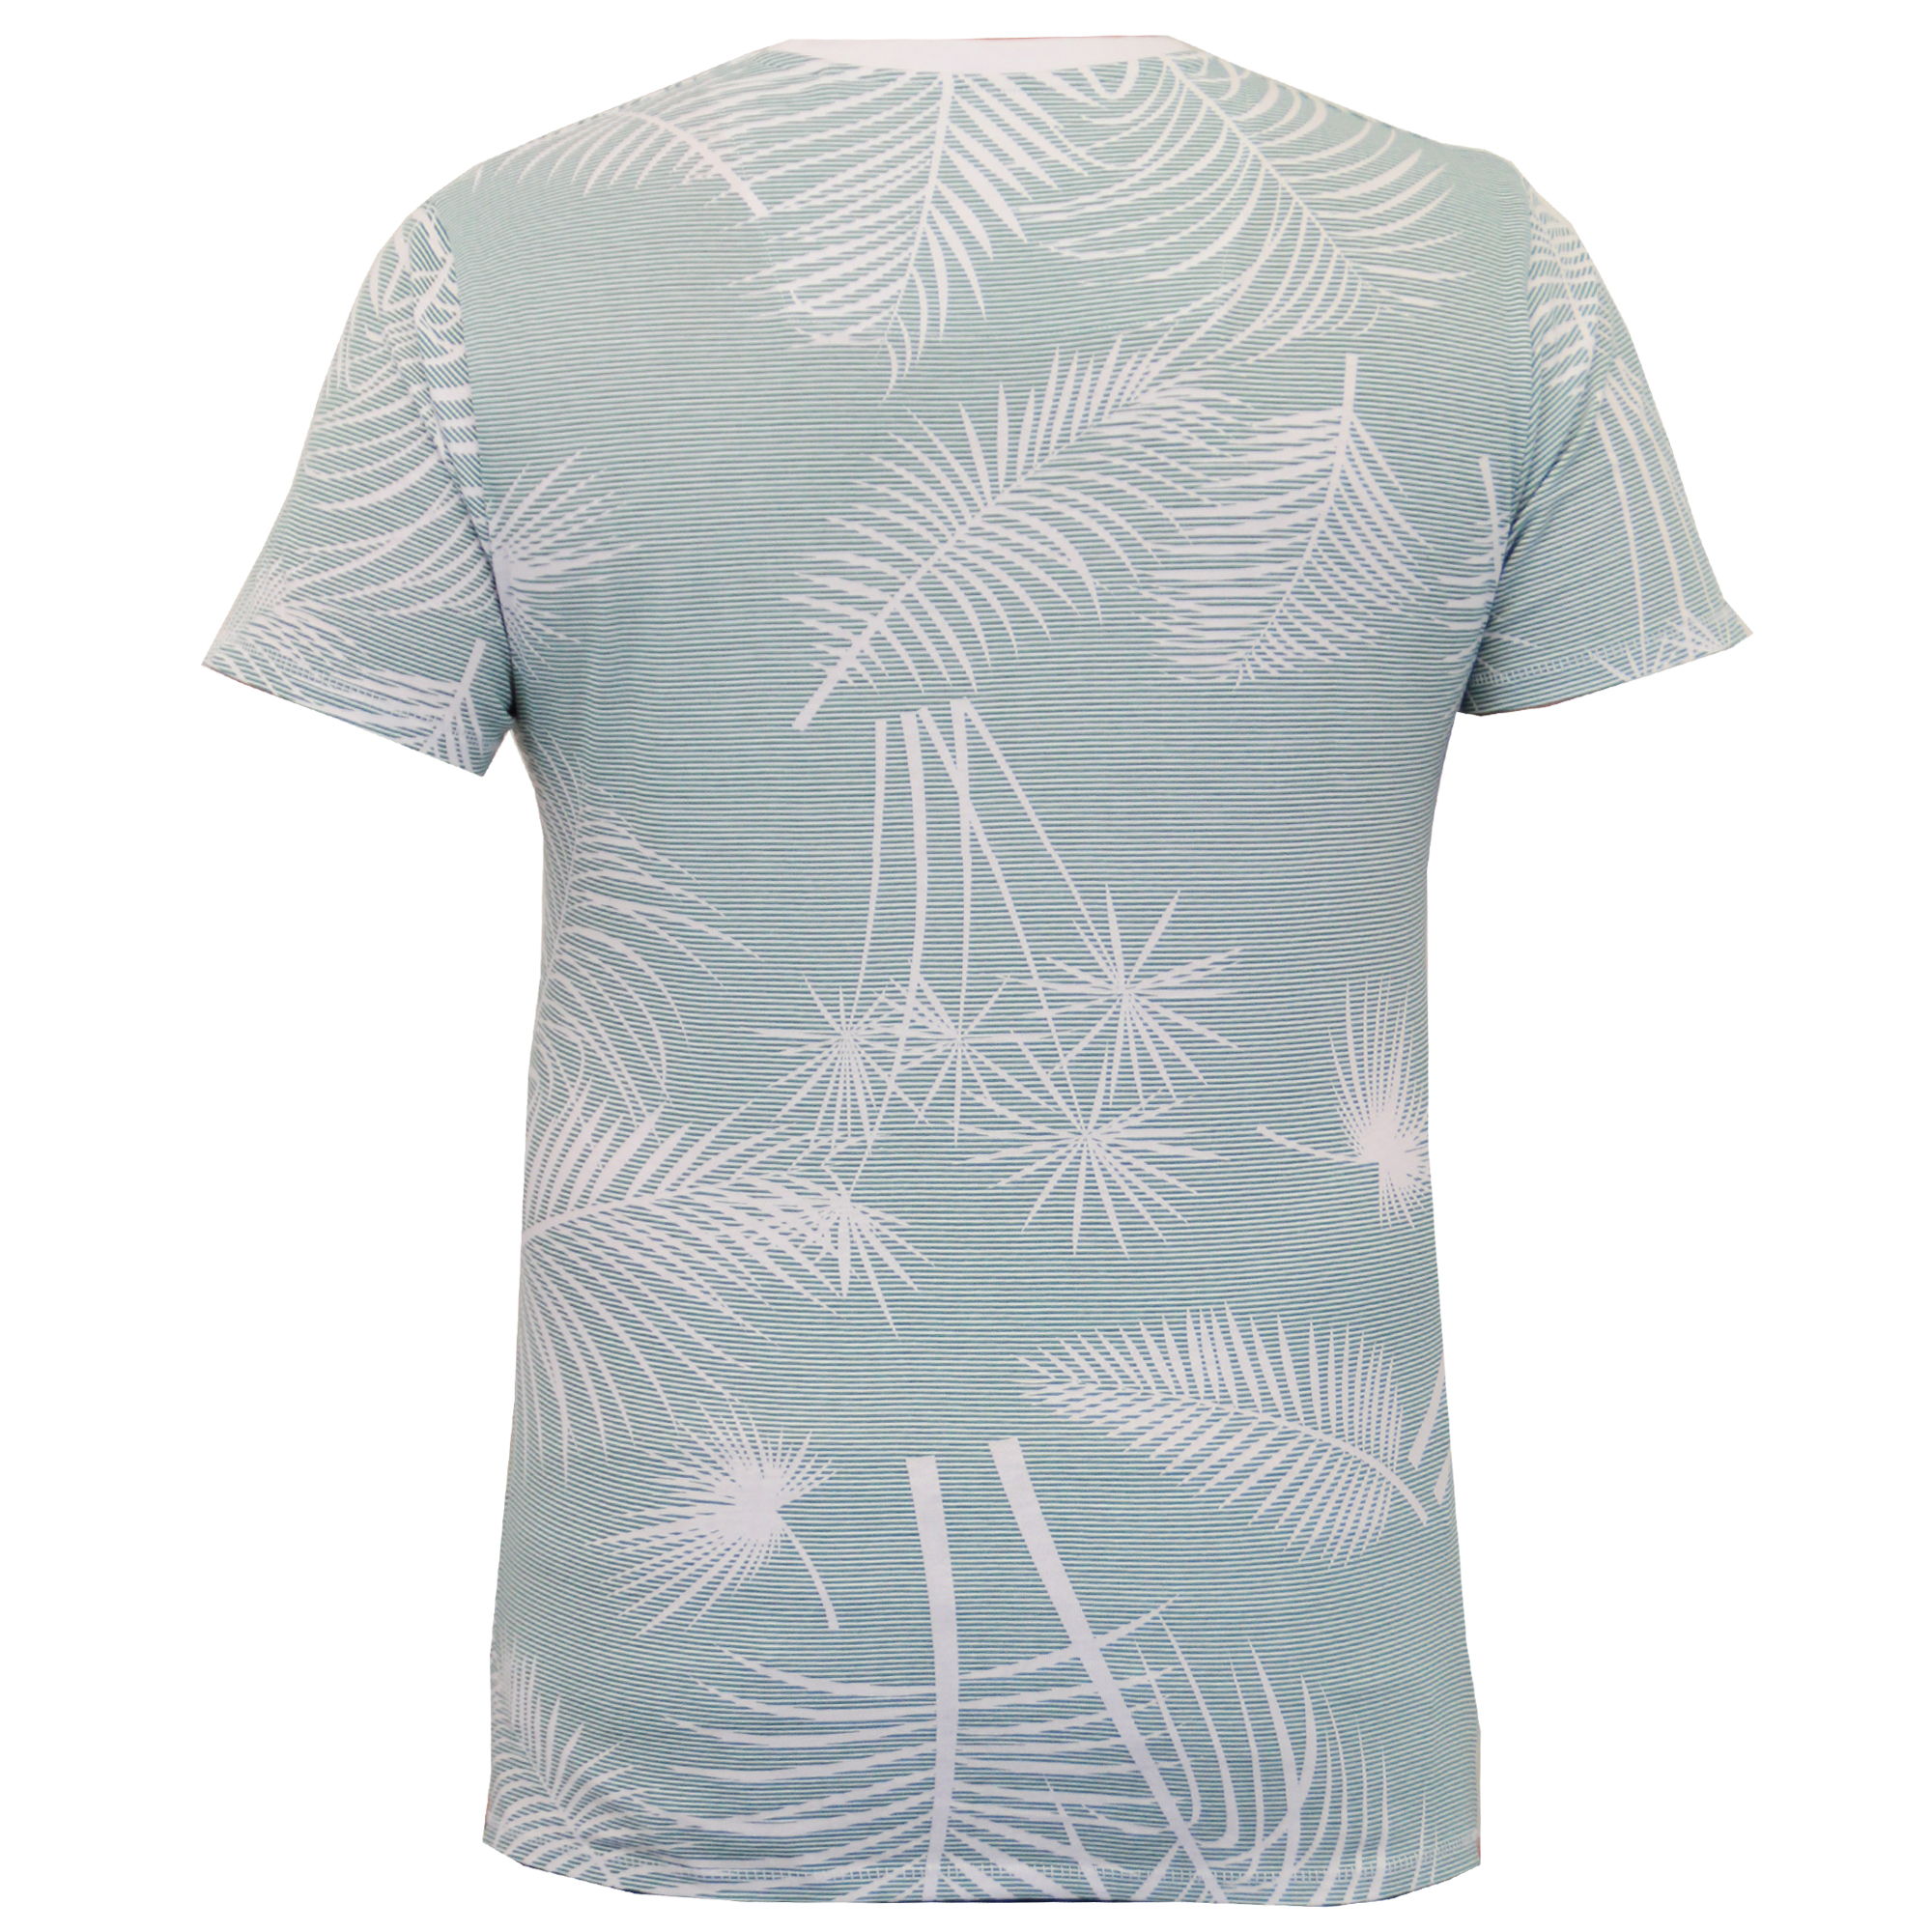 601353de74d Mens Hawaii T Shirt Threadbare Palm Tree Miami Surf Striped Print ...